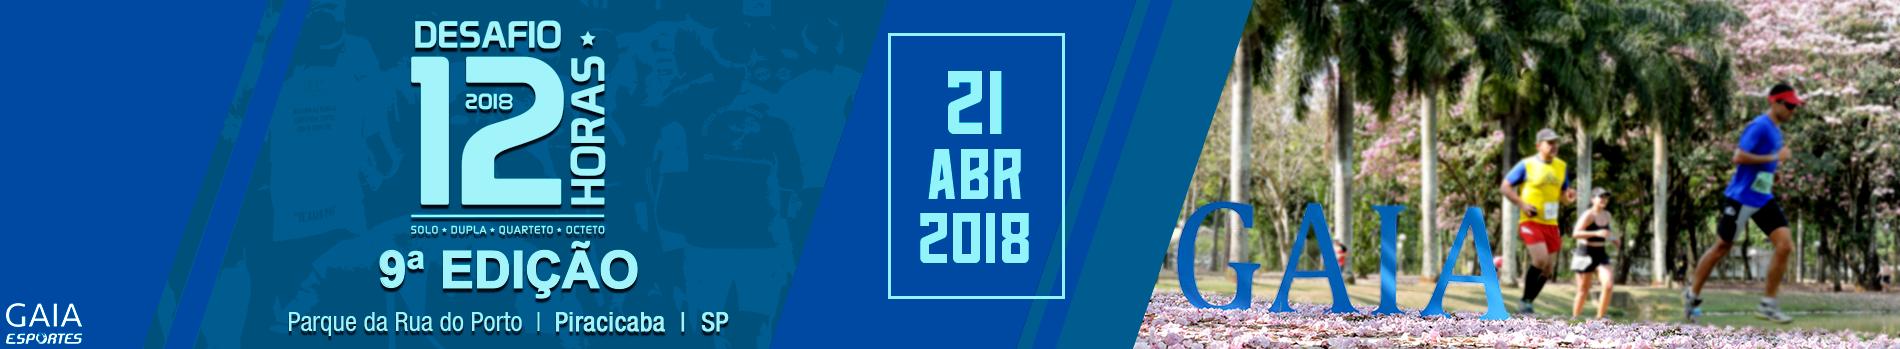 DESAFIO 12 HORAS  - 2018